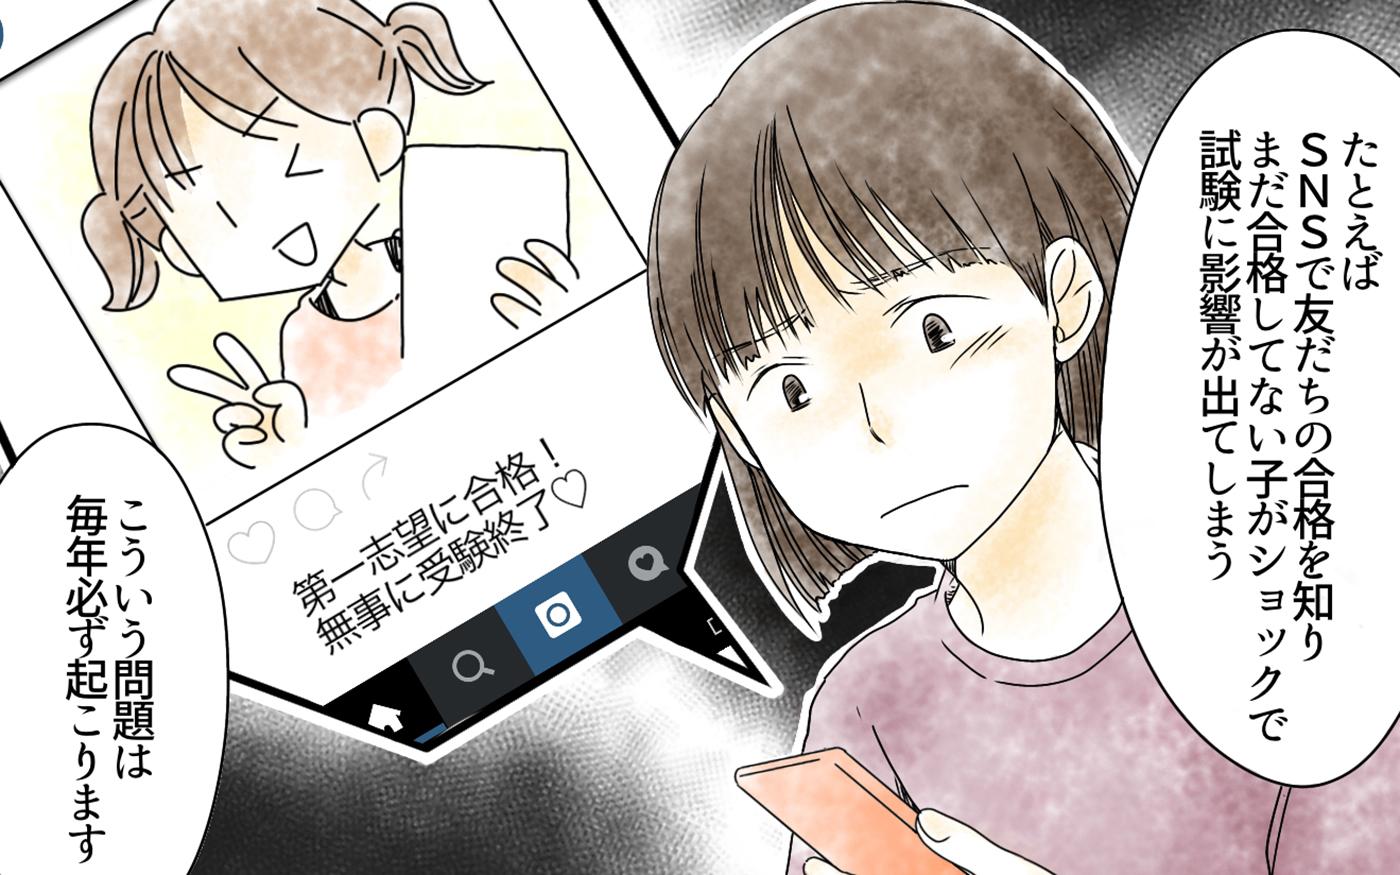 友だちトラブルが試験結果に直結…!?/ママ友の塾マウント・櫻島家の場合(1)